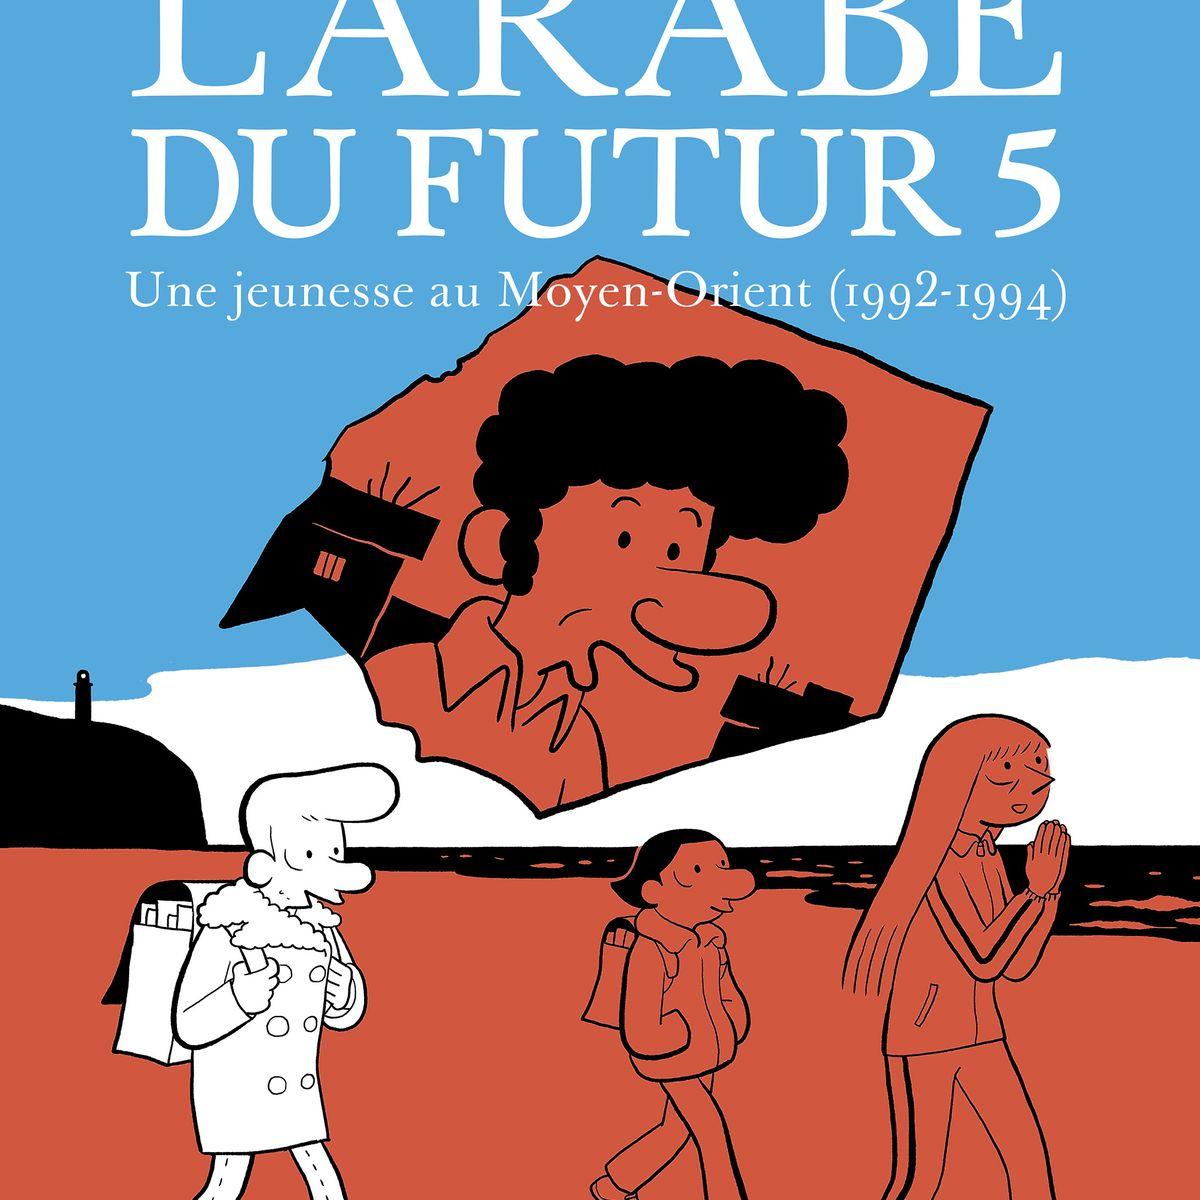 Pour Moi Le Livre Est Un Bien Essentiel Riad Sattouf Raconte Dans L Arabe Du Futur 5 Comment Les Livres Et Les Profs L Ont Sauve Du Crime Du Pere